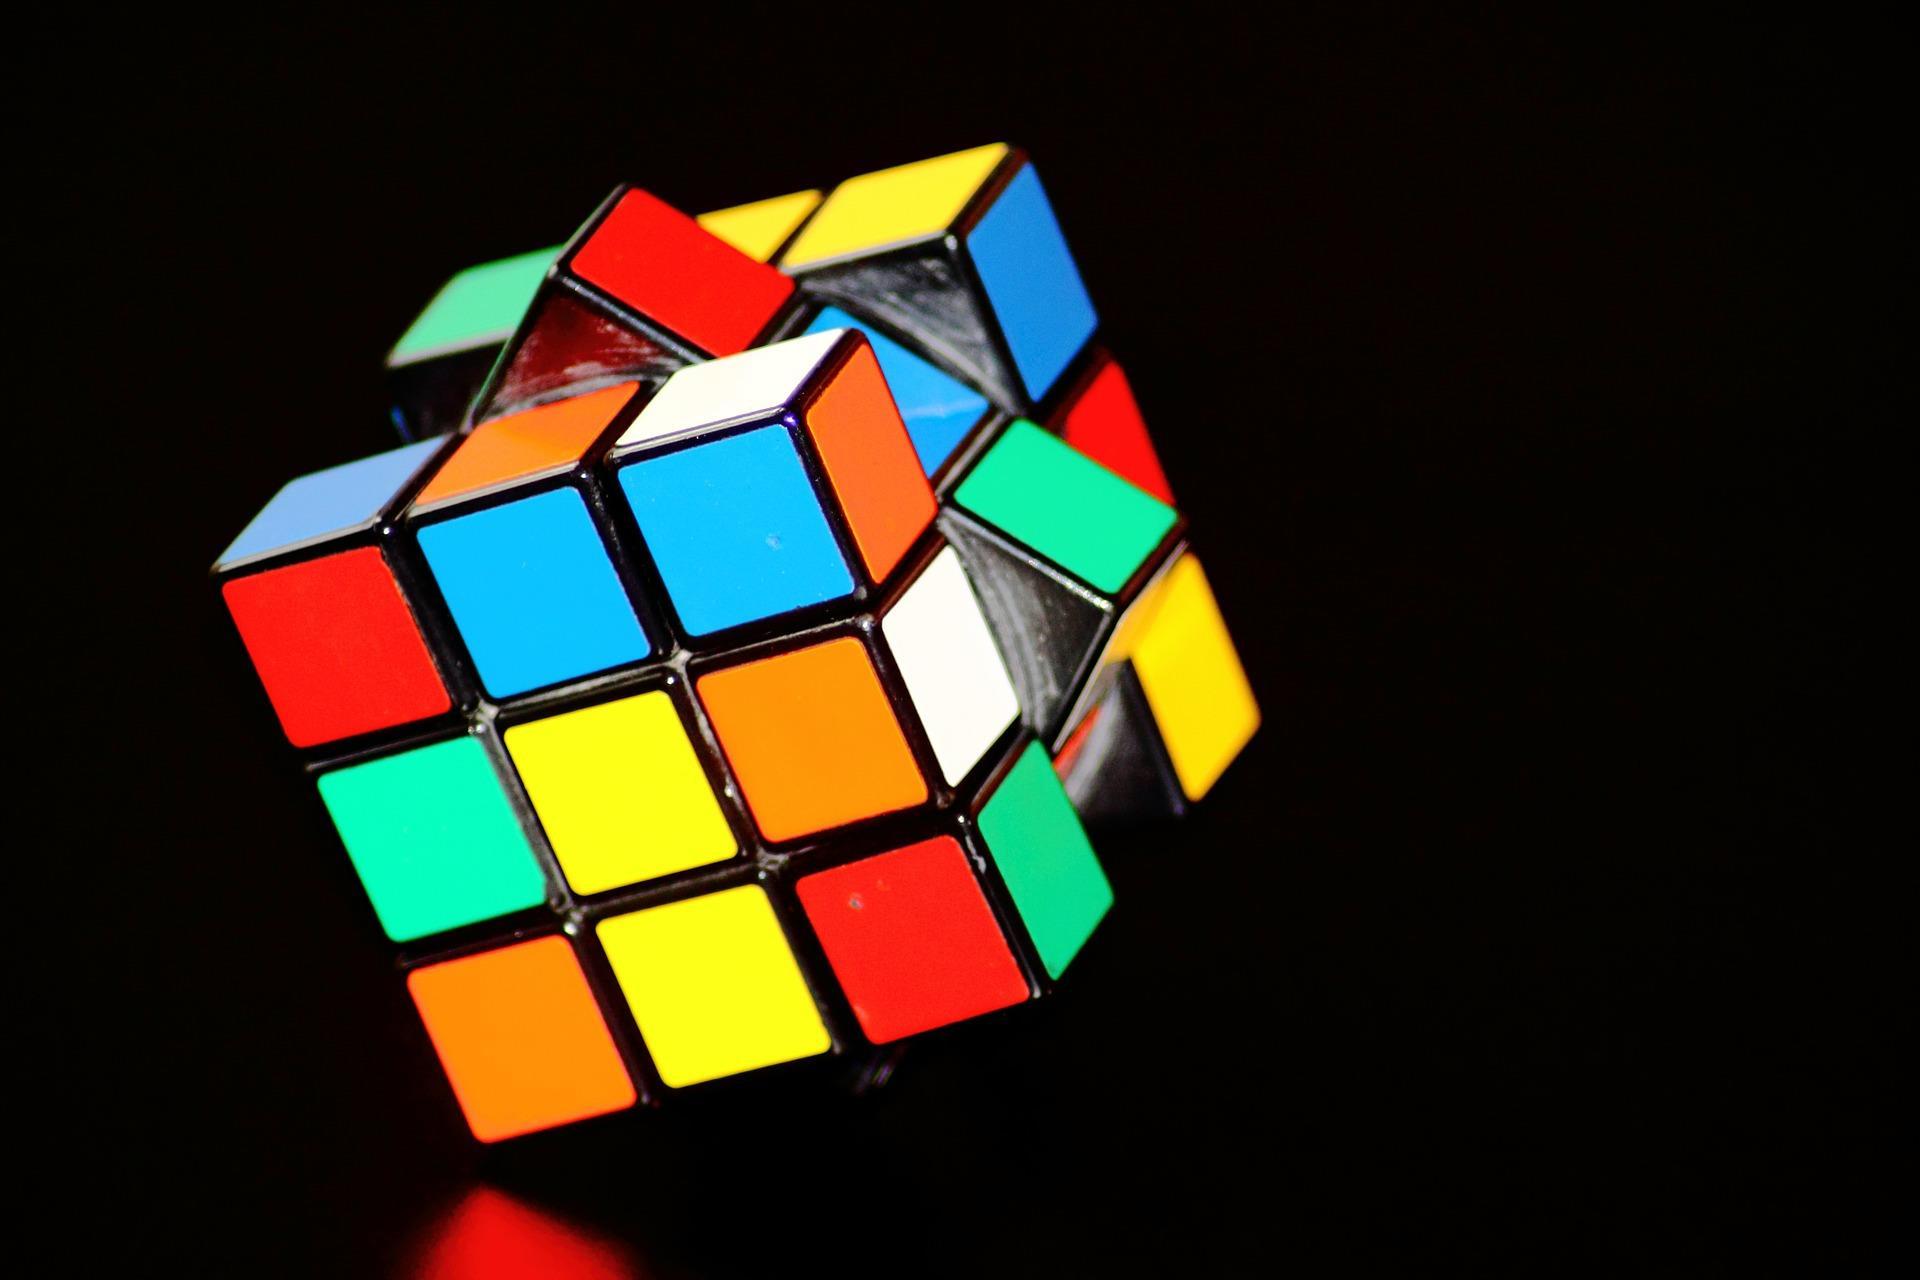 rubiks-cube-fond-ecran-de-toutes-les-couleurs_telecharger